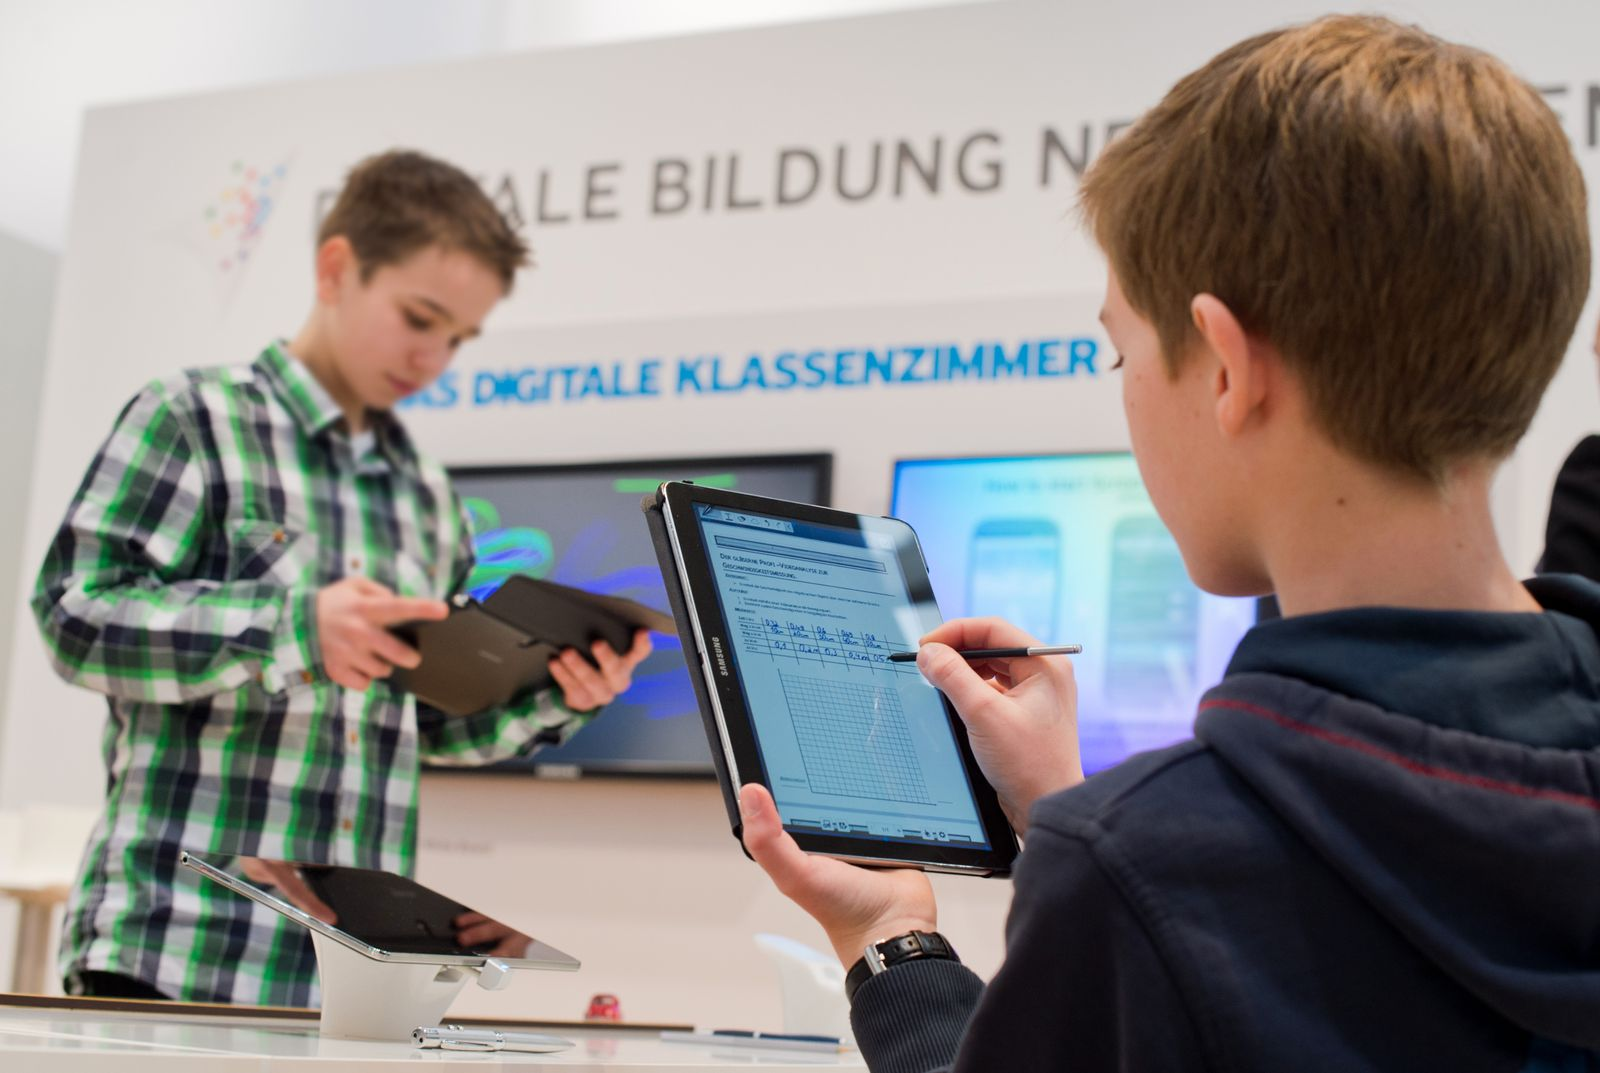 Schüler / Computer / Laptop